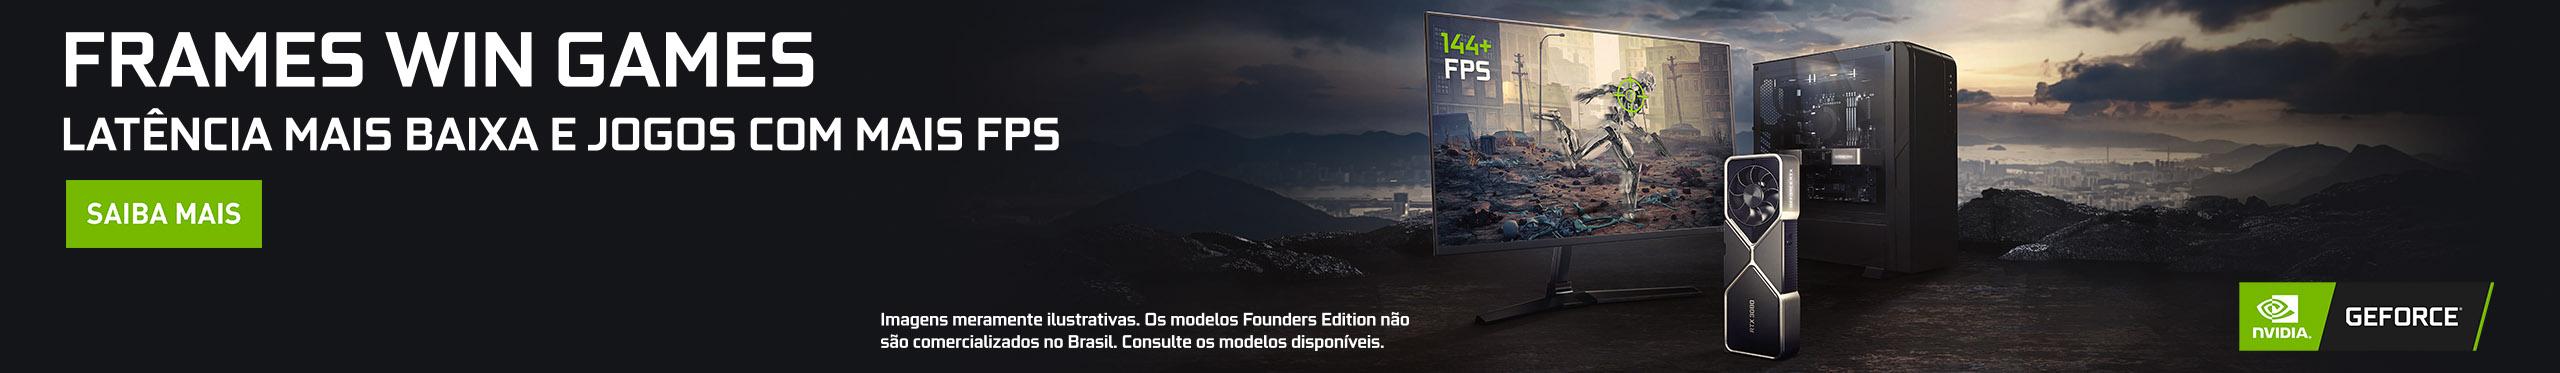 Latência mais baixa e jogos com mais FPS